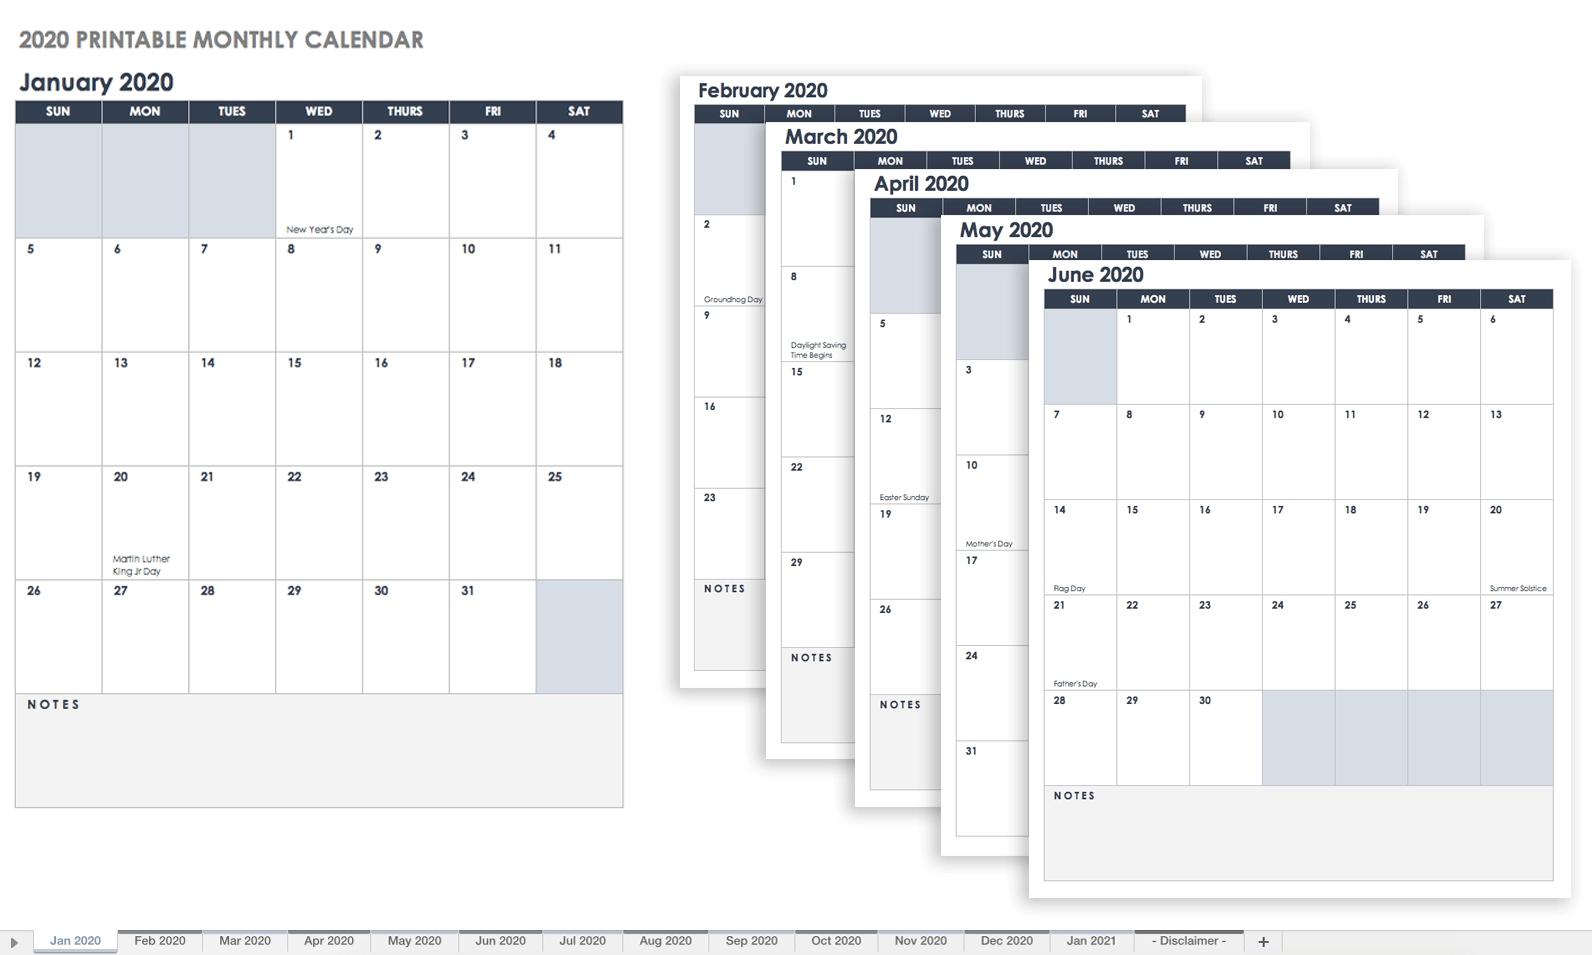 4 Month Planner Template   Calendar Template Printable with regard to Printable 4 Month Calendar